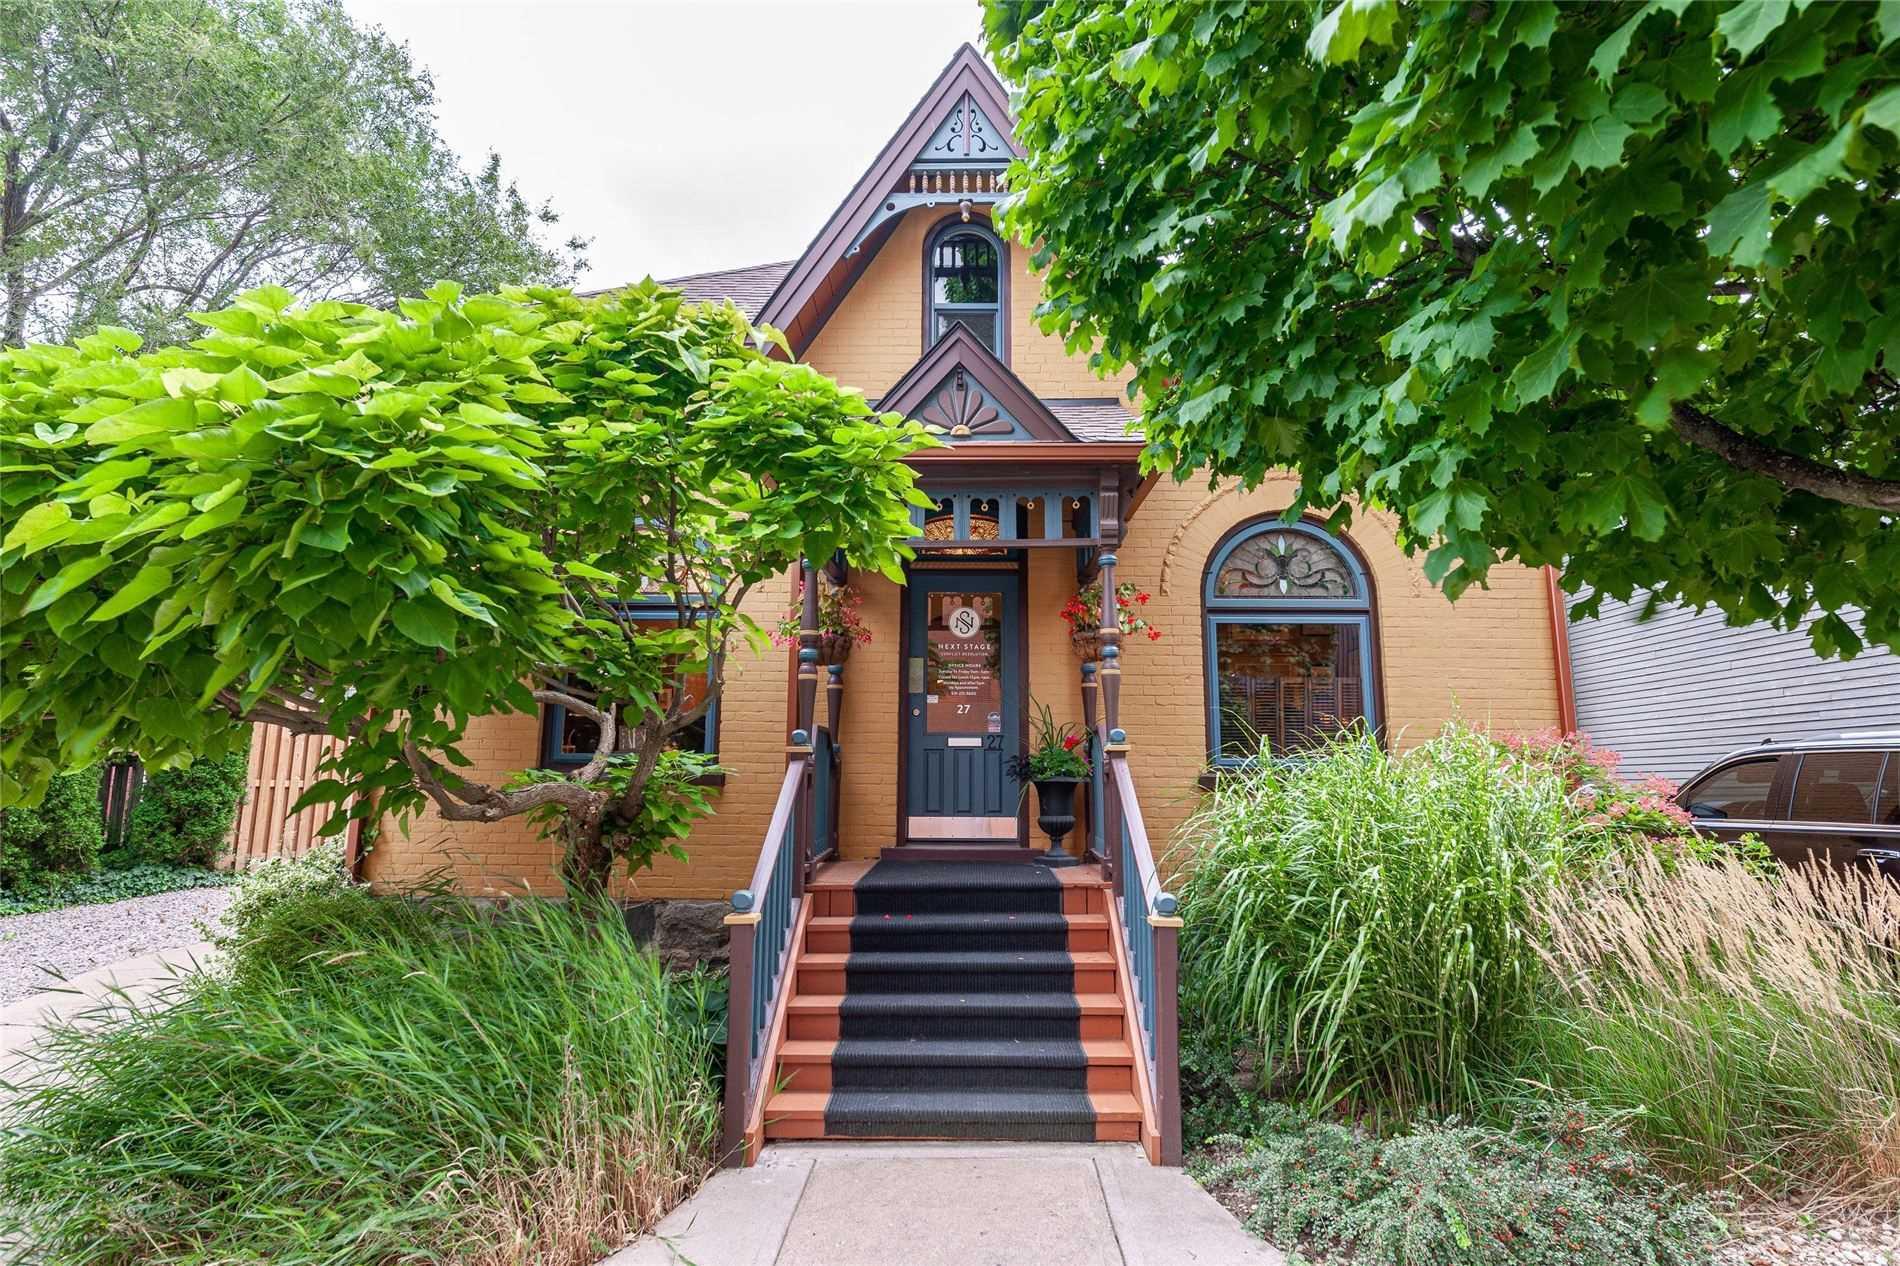 27 George St, Stratford, Ontario N5A 3N8, 1 Bedroom Bedrooms, ,3 BathroomsBathrooms,Detached,For Sale,George,X5368896